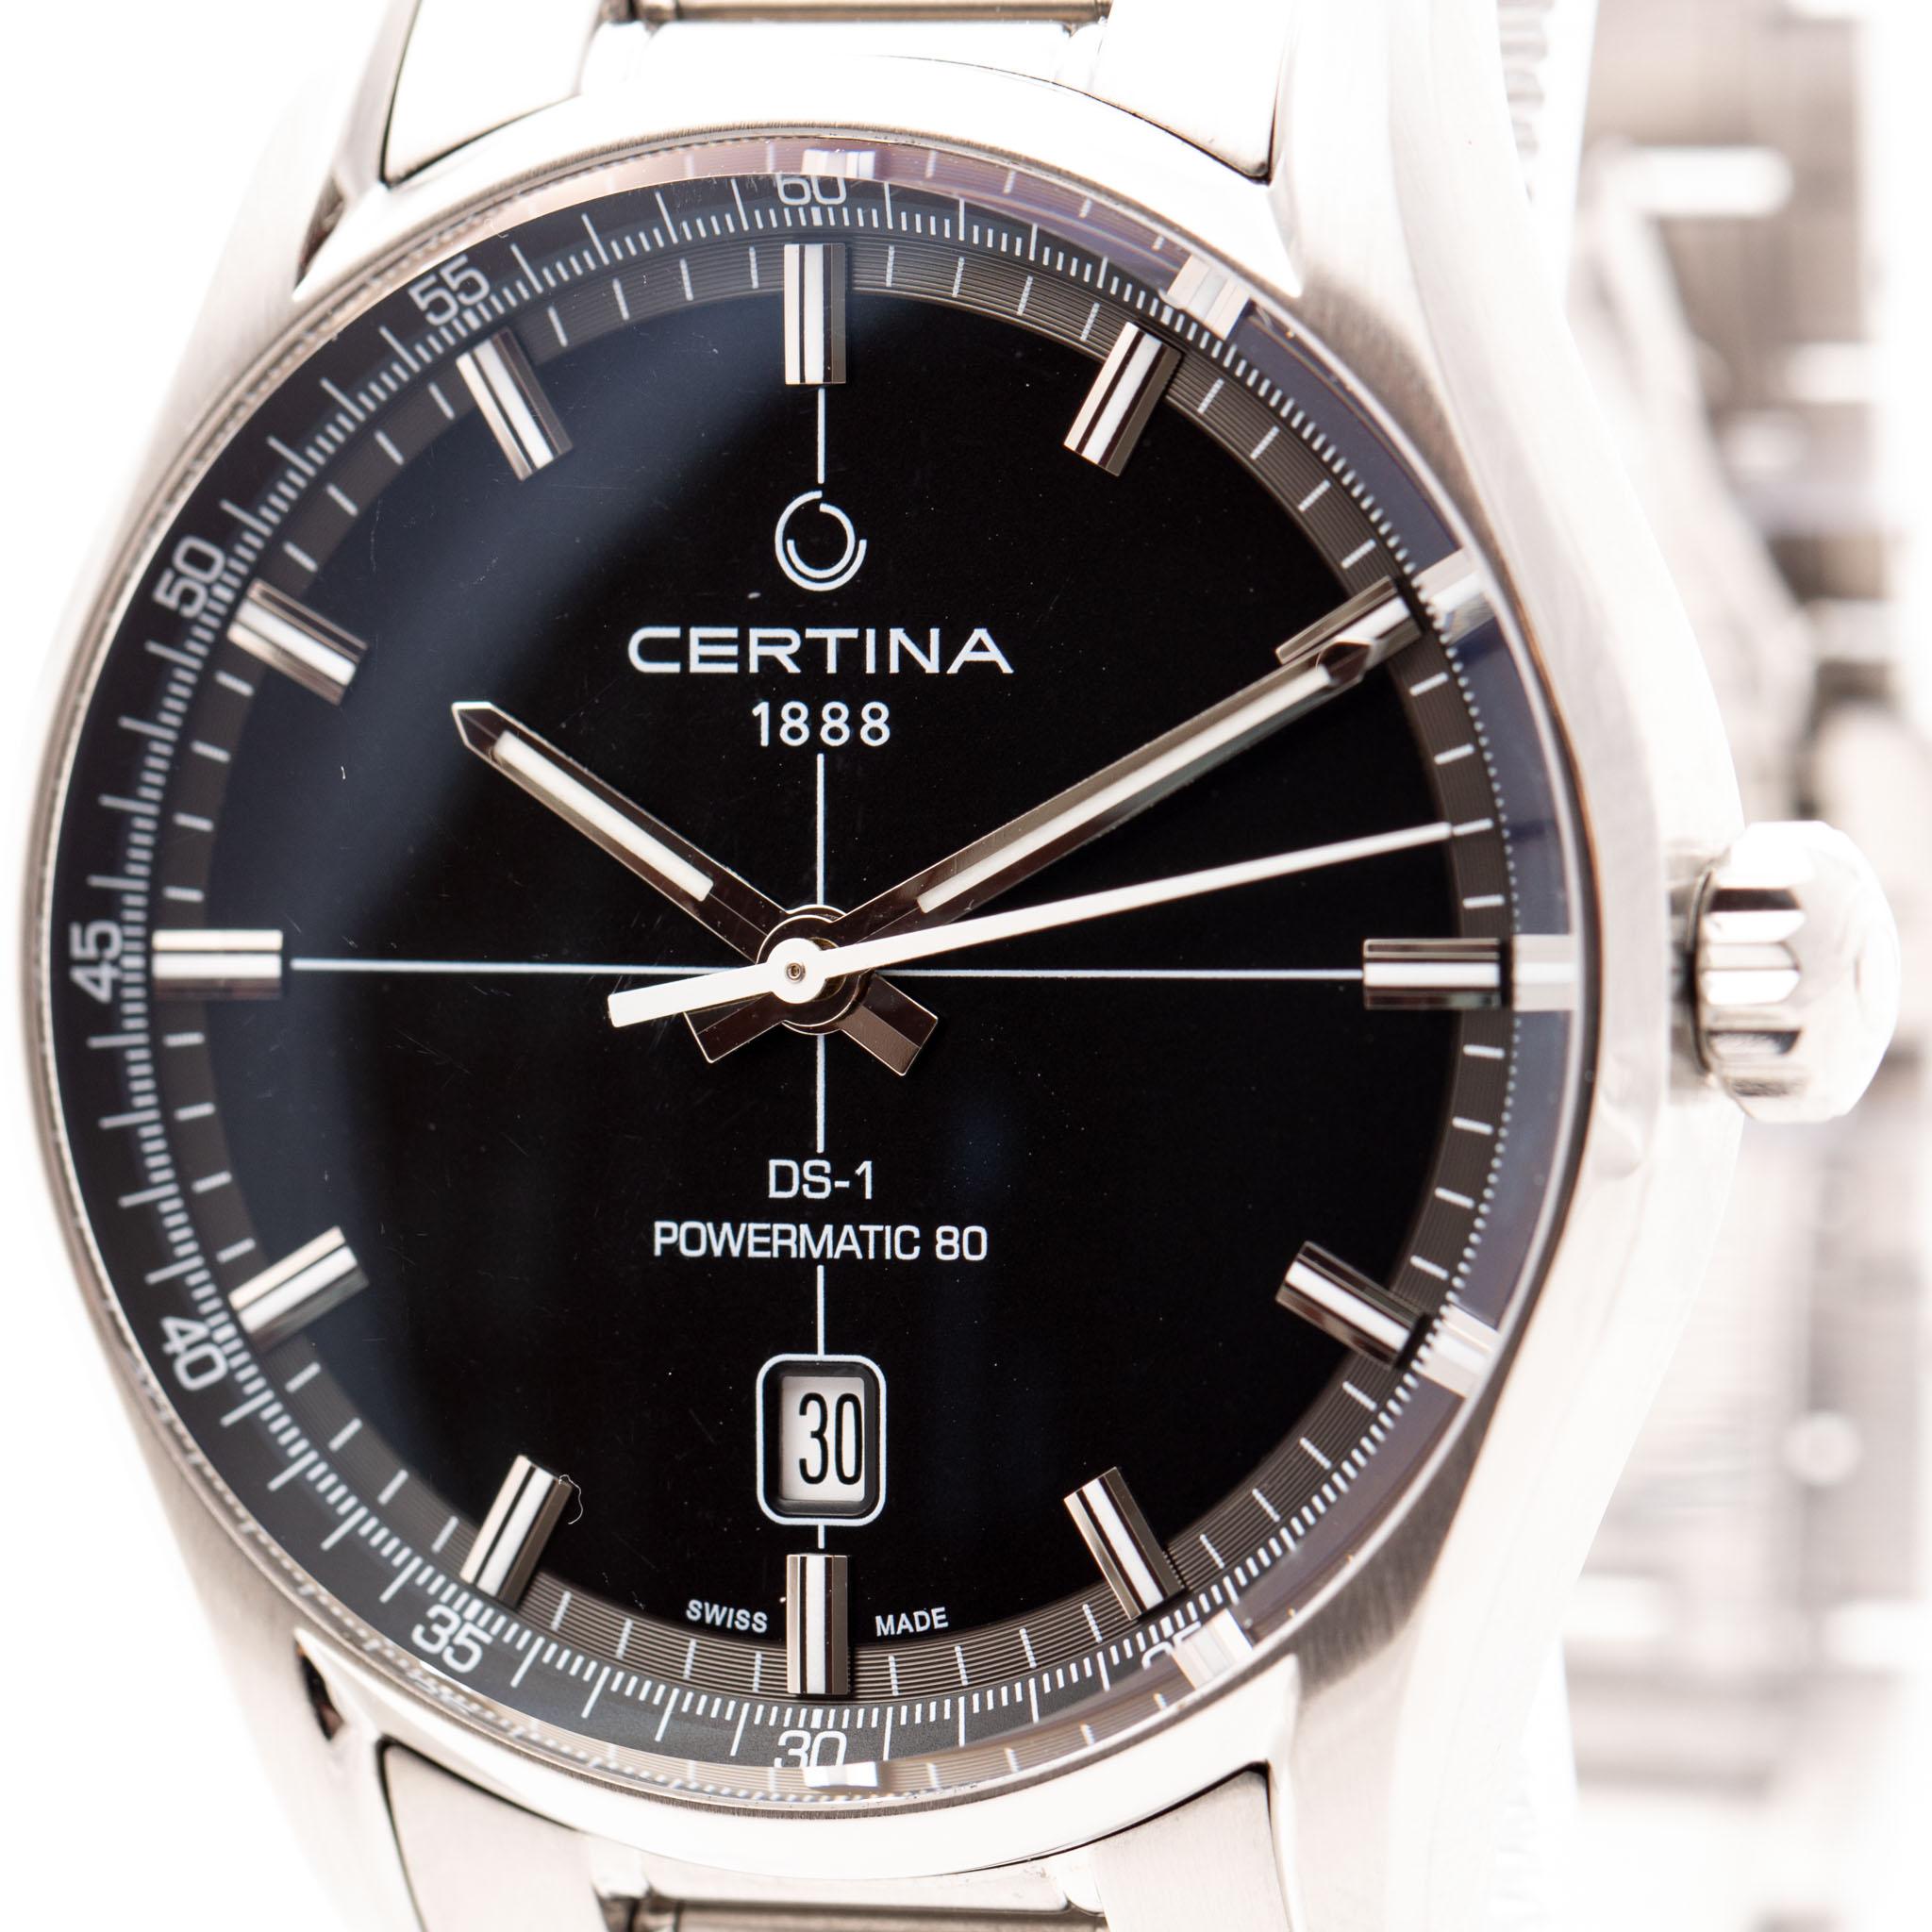 CERTINA DS-1 POWERMATIC 80 STEEL BLACK DIAL 40MM REF: C029407